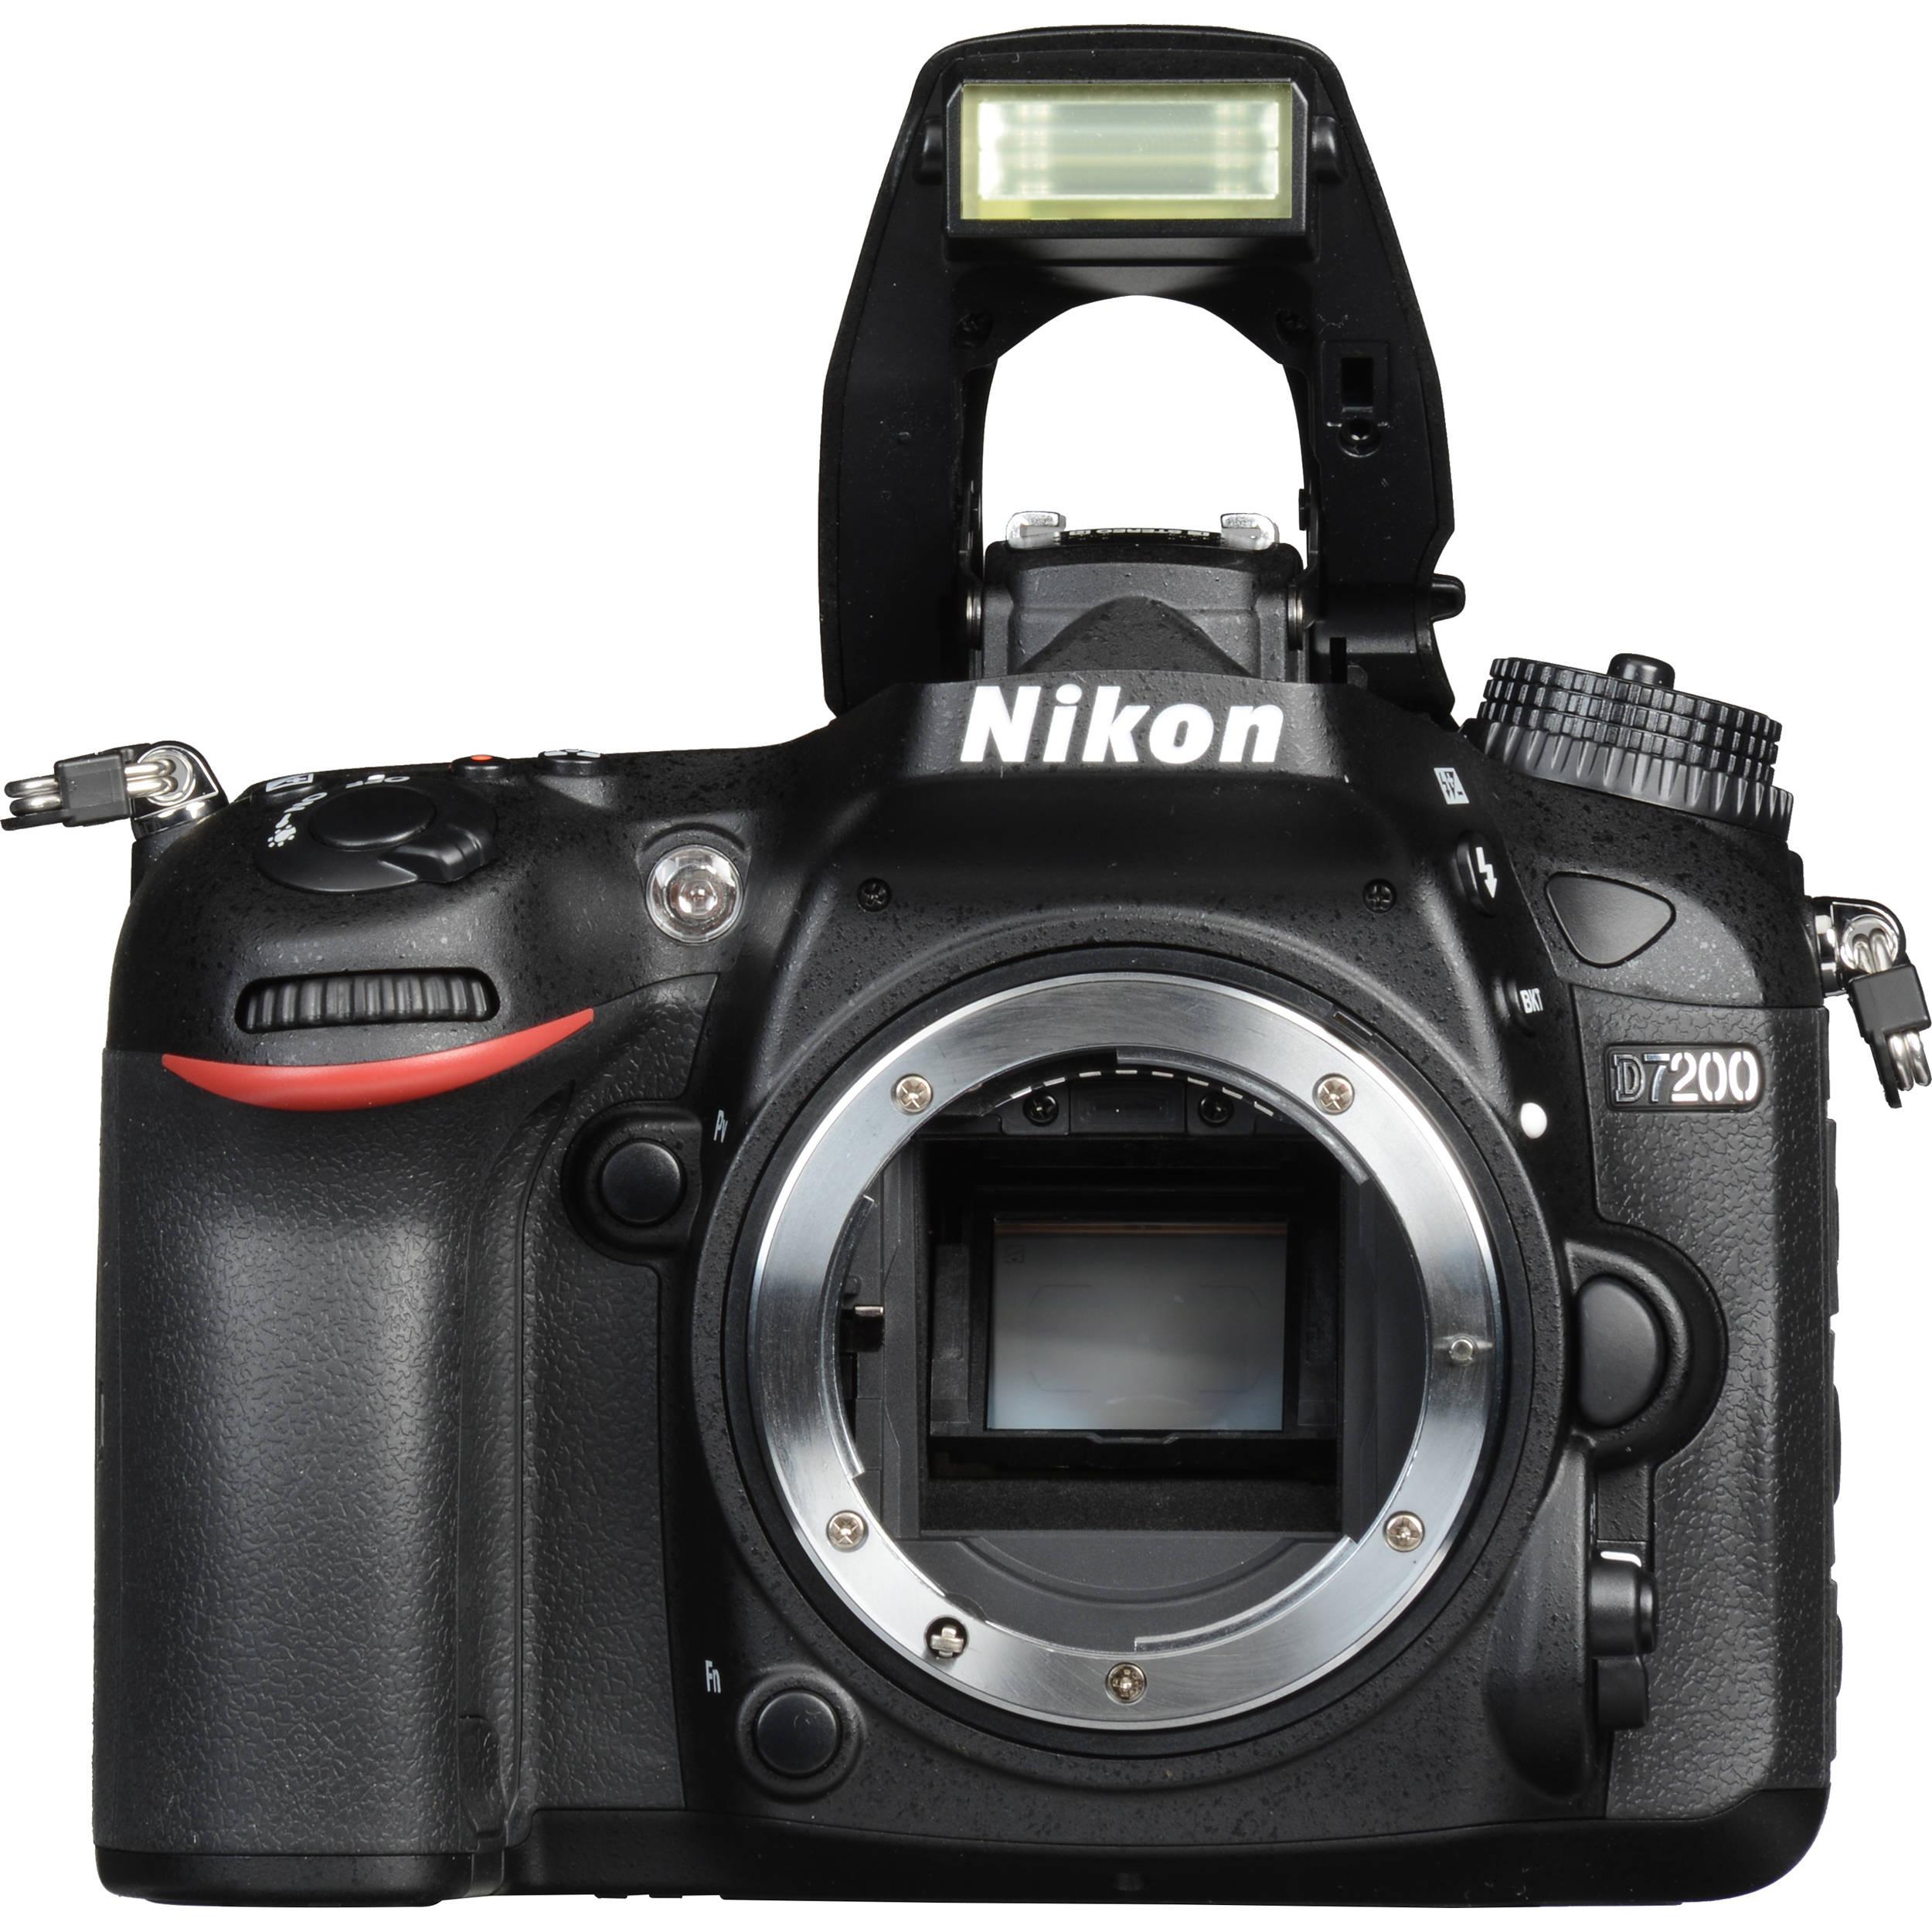 Nikon d7200 price in india 2020